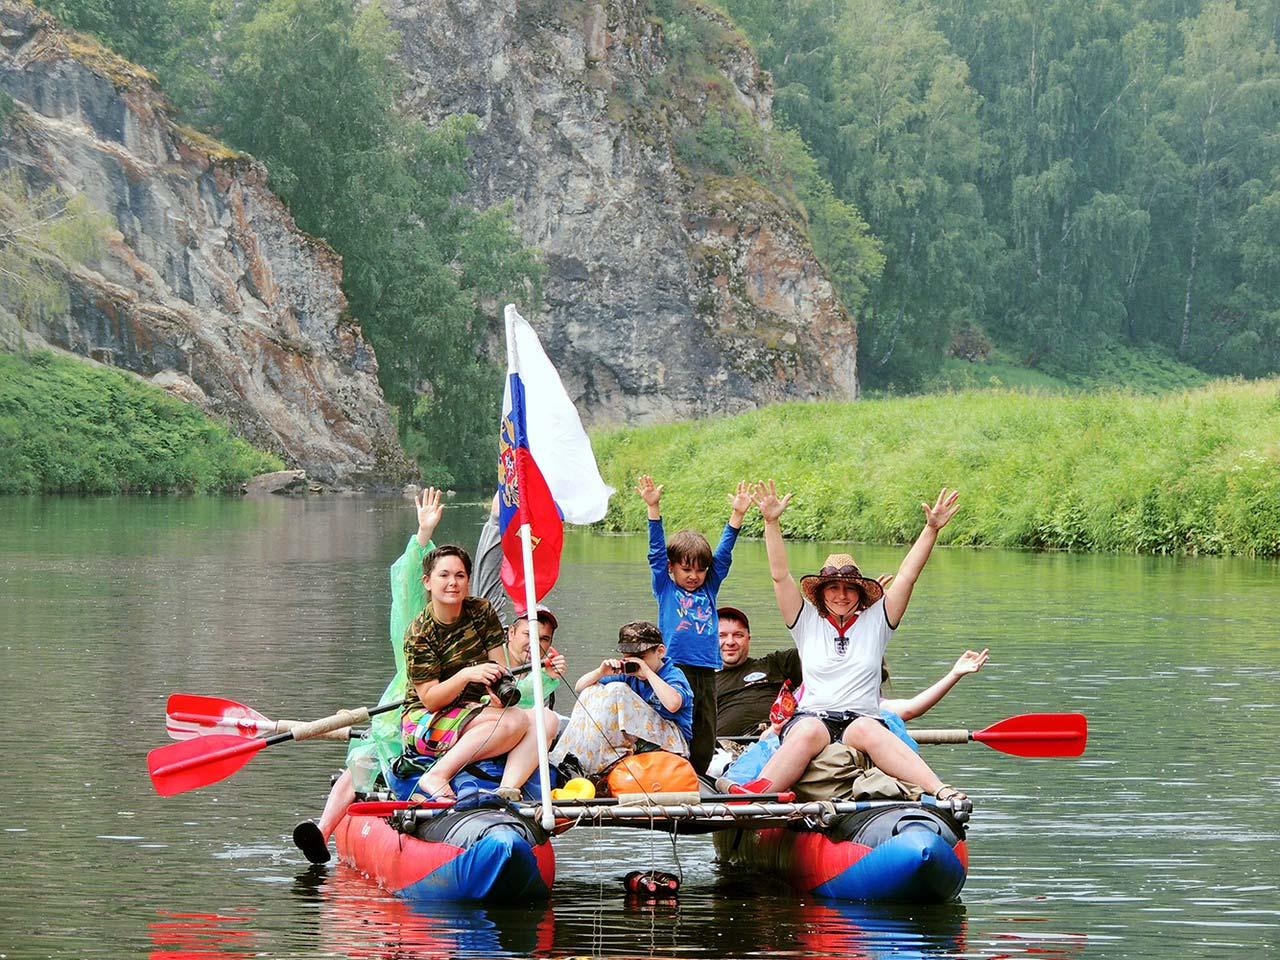 Сплав с детьми по реке Исеть